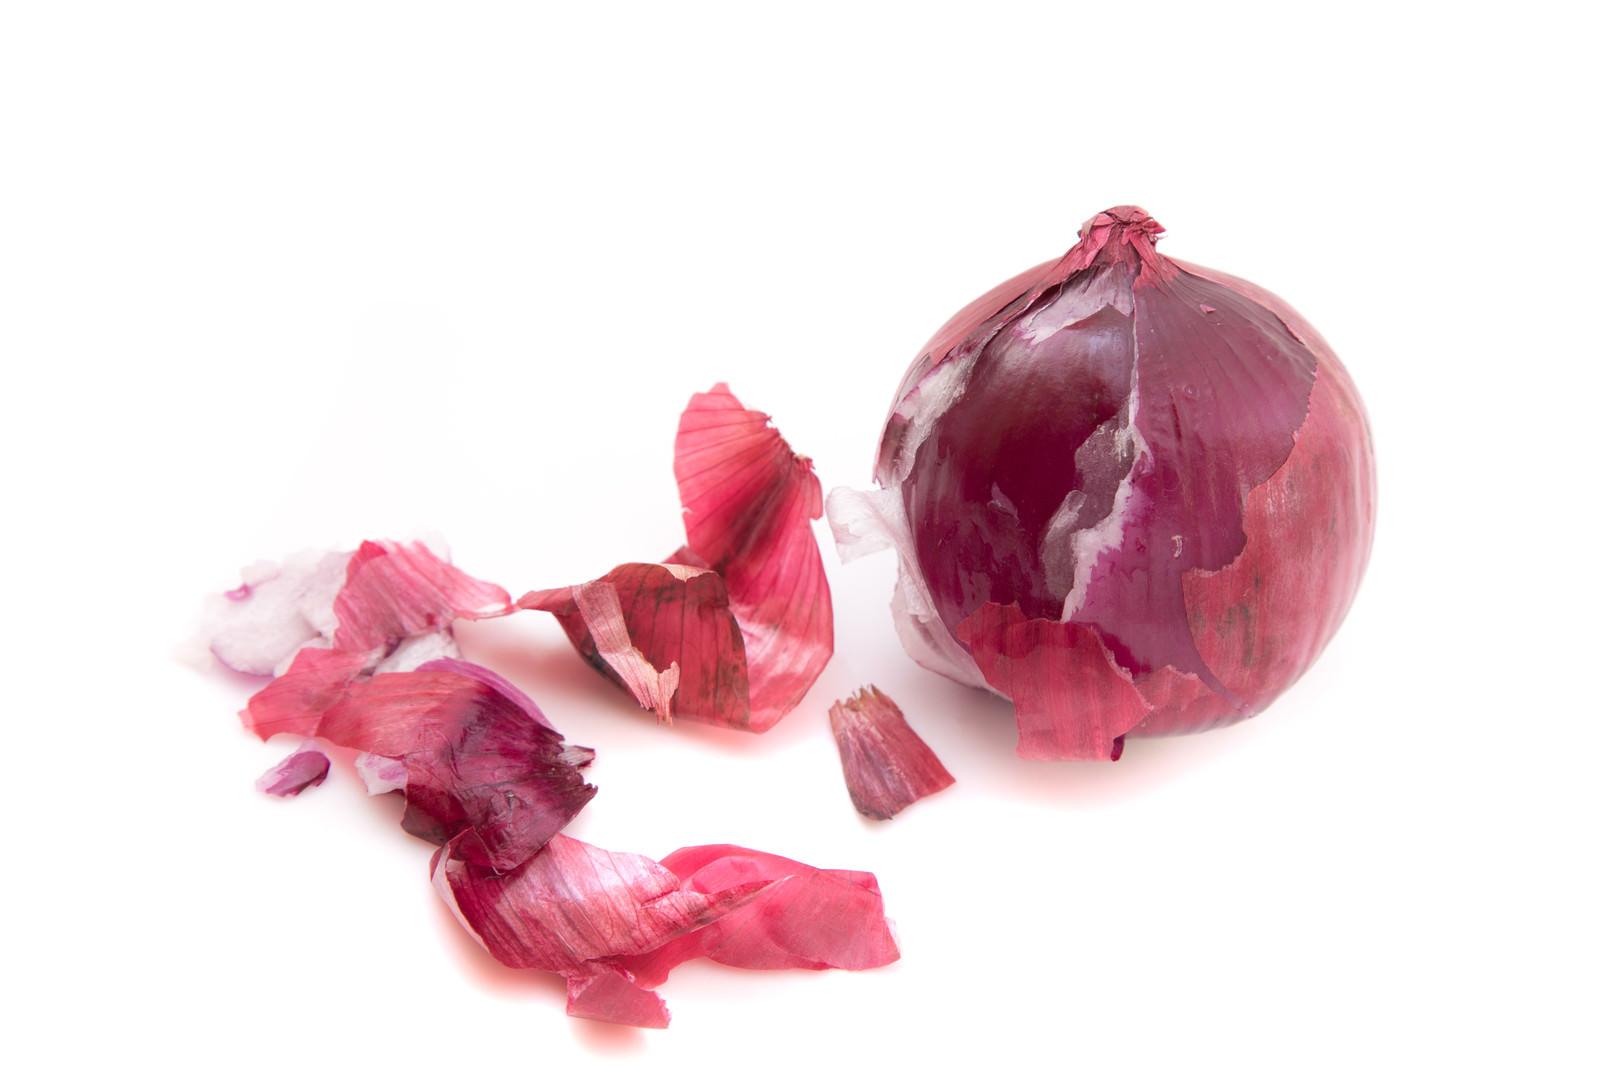 「紫玉葱は、皮を向いても紫色紫玉葱は、皮を向いても紫色」のフリー写真素材を拡大